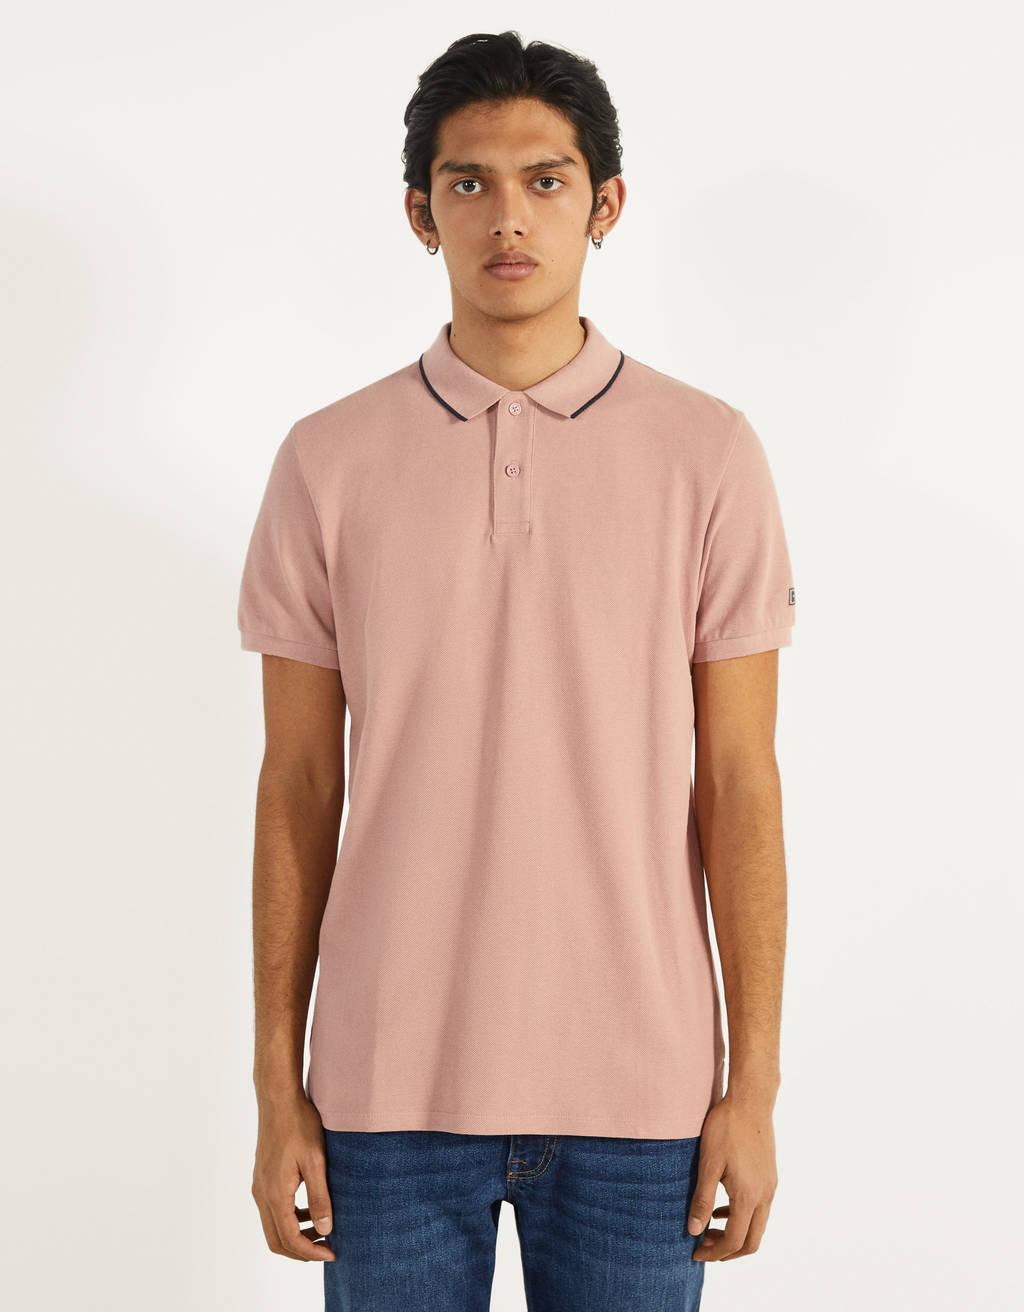 Polo krekls ar īsām piedurknēm